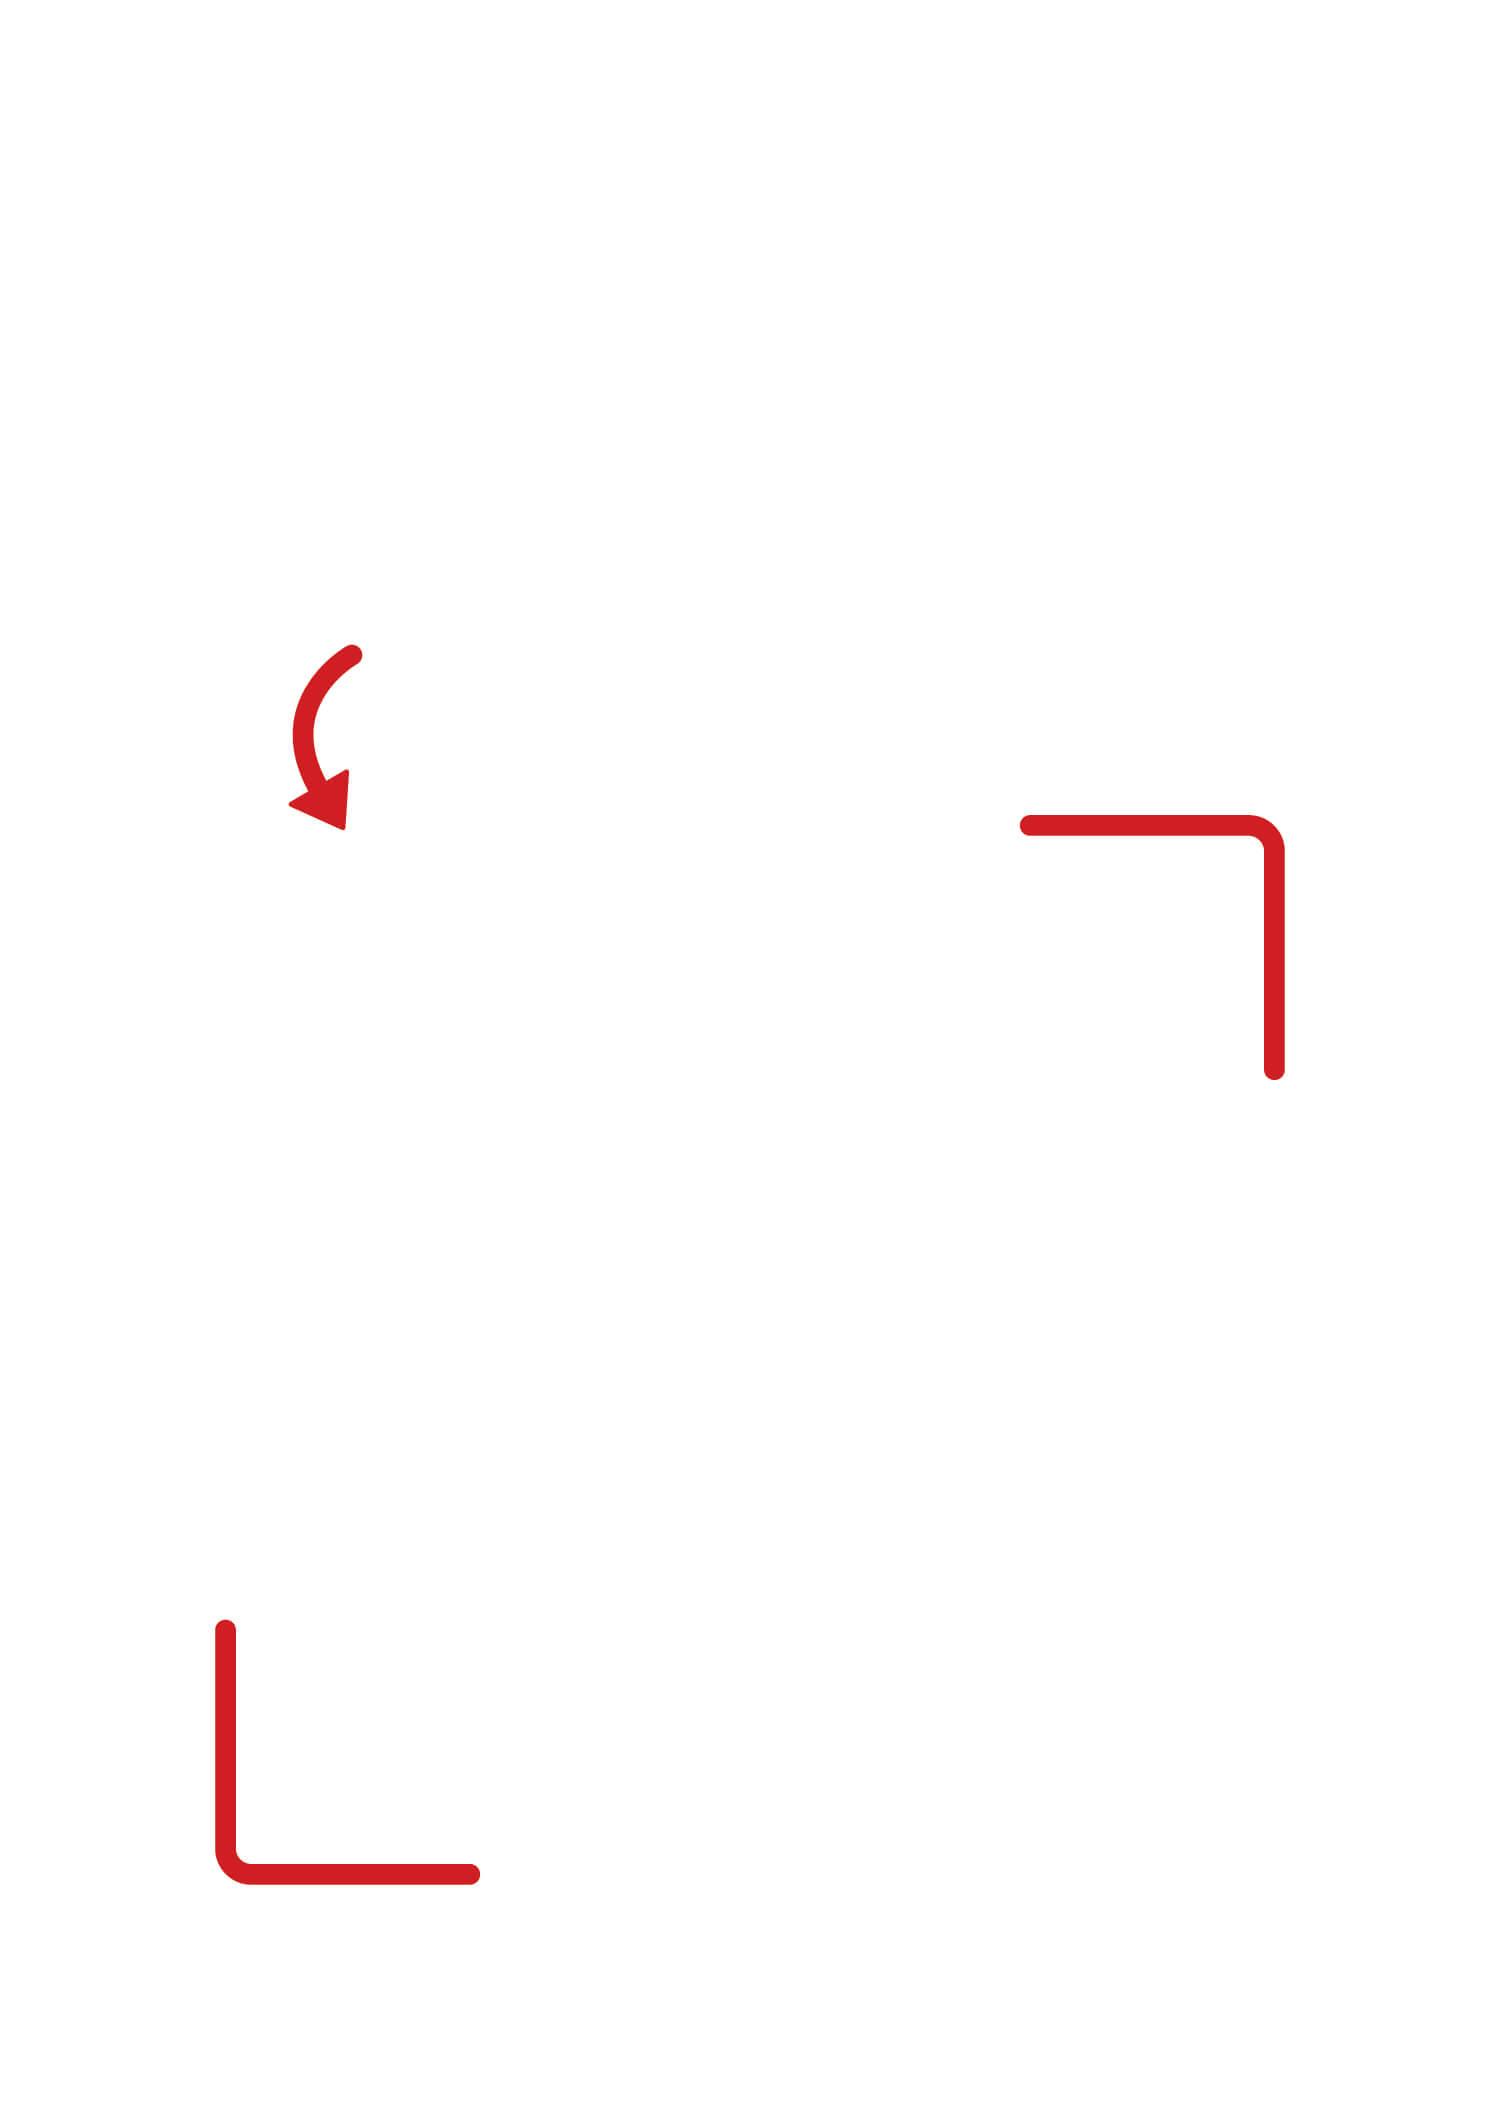 vertical blank qr code template